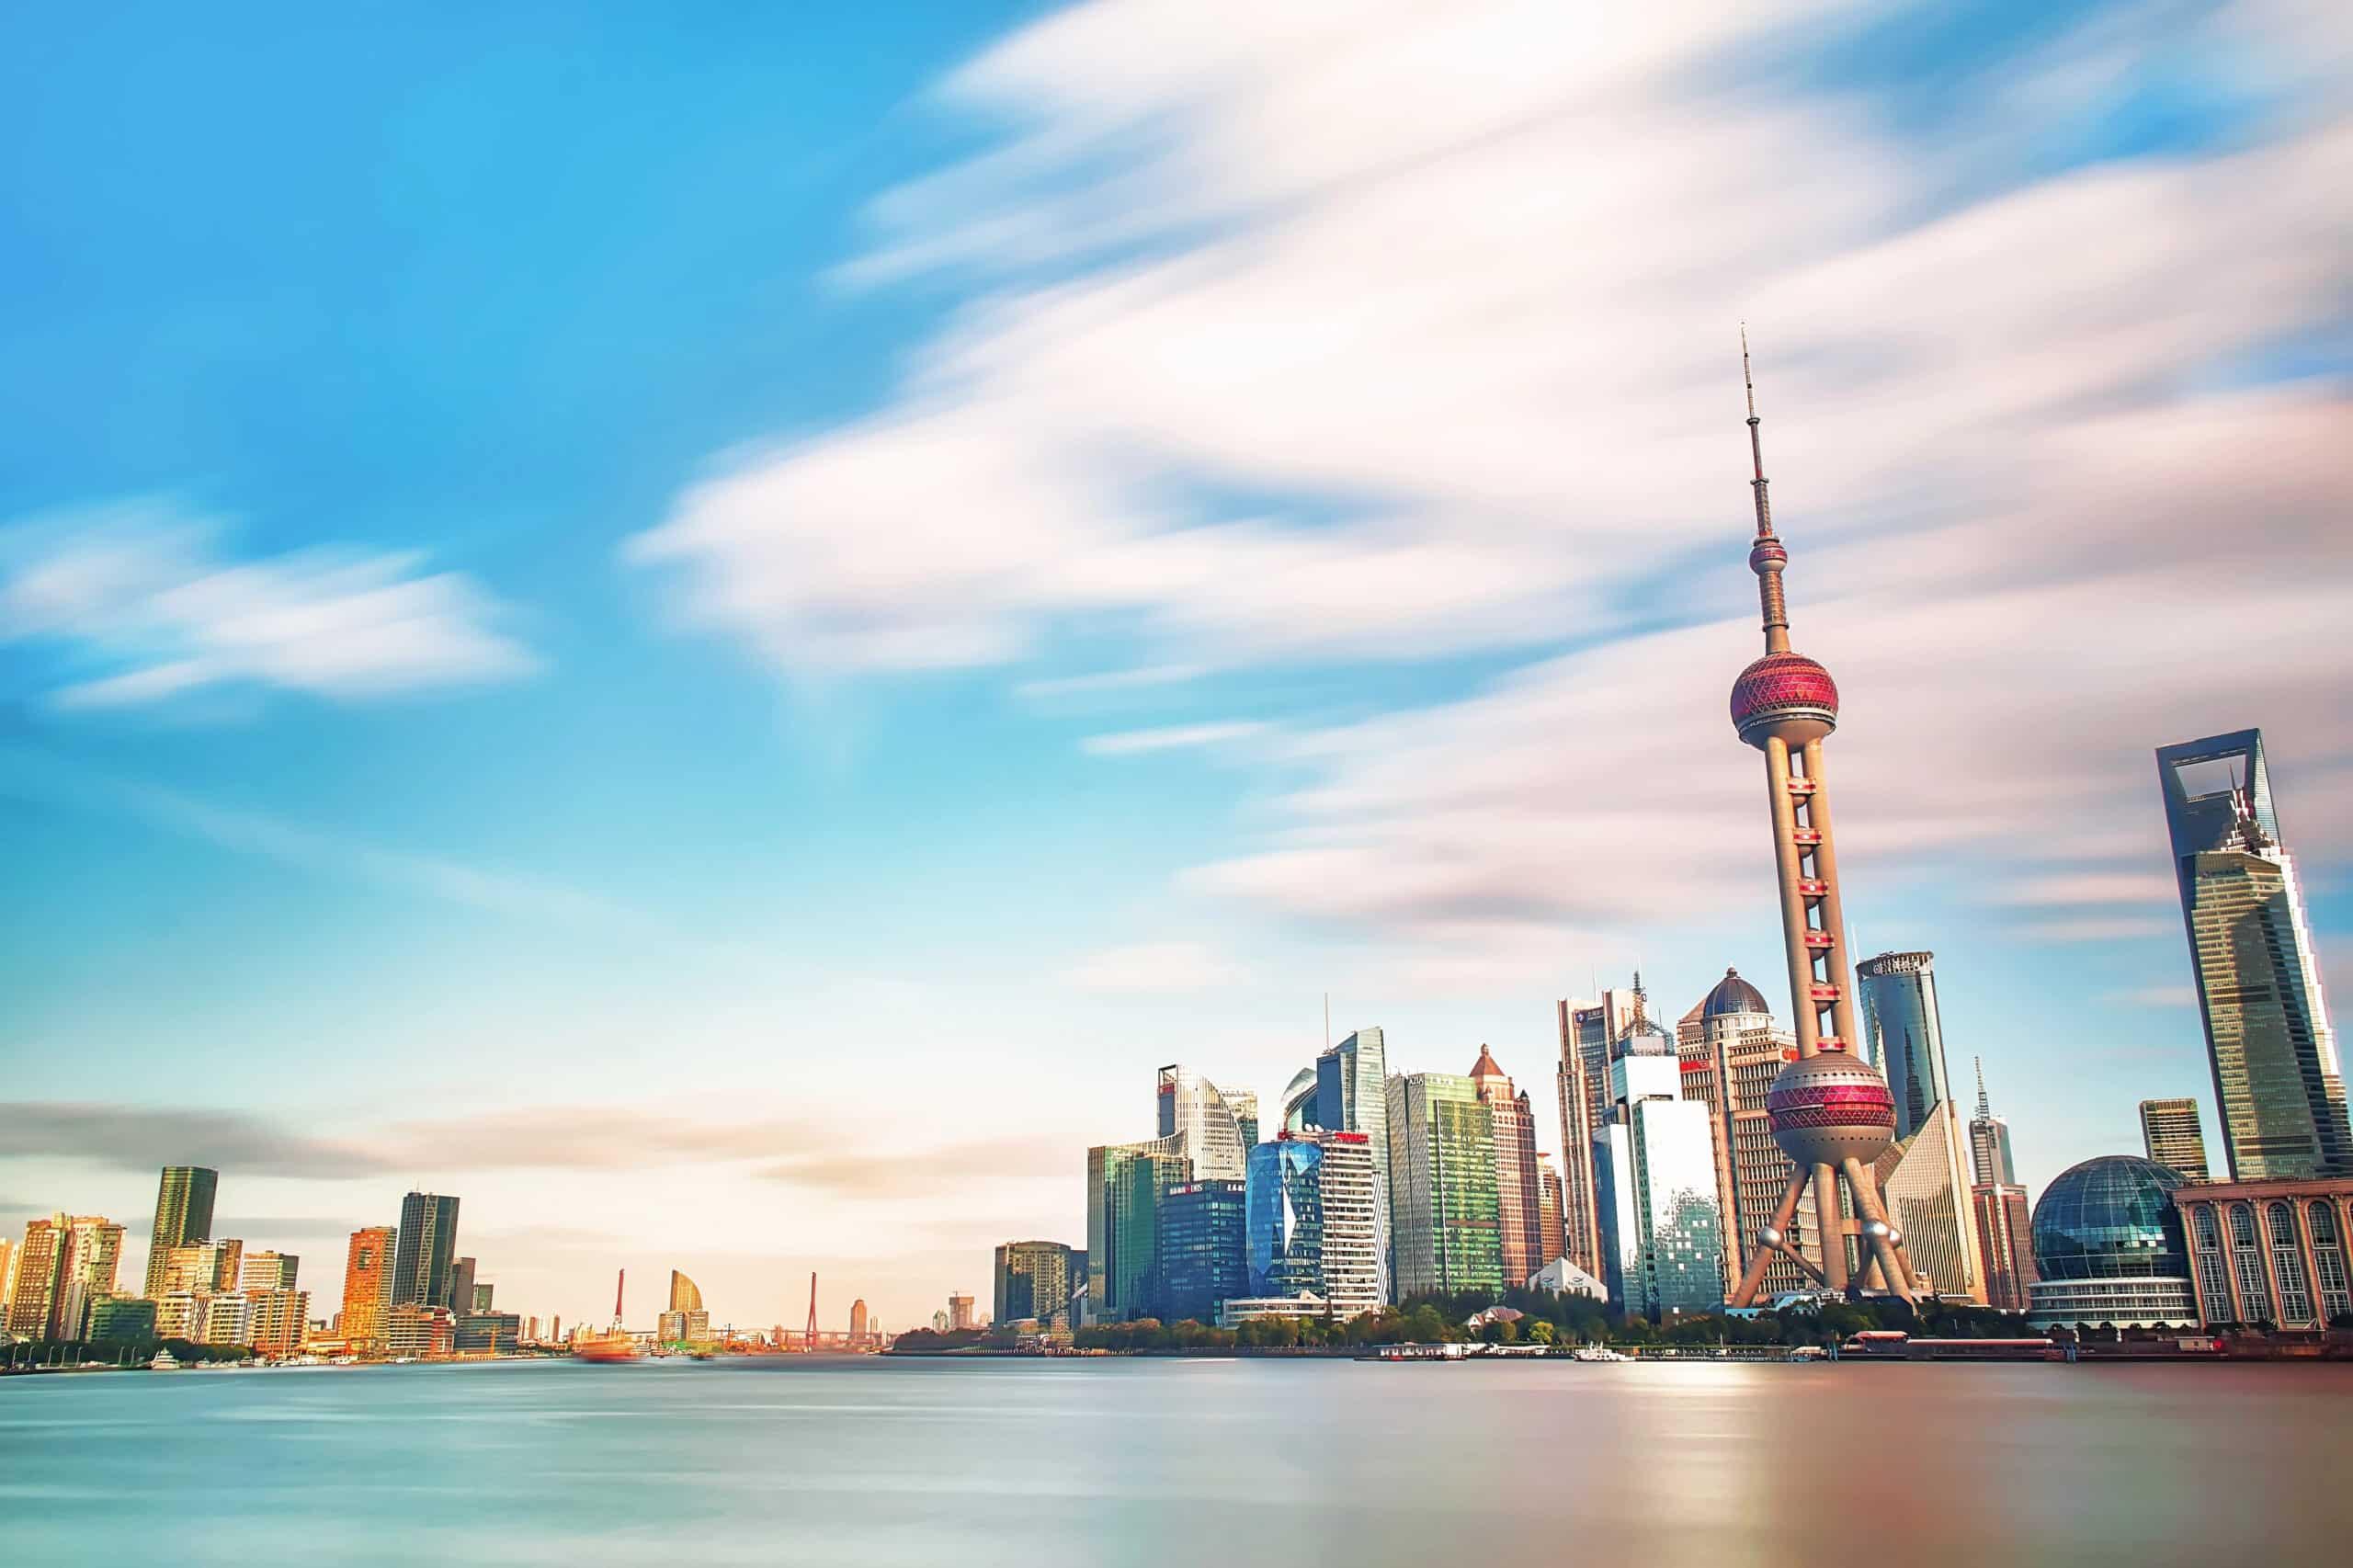 【世界一の港:上海港】 第2章 上海の主なコンテナターミナル